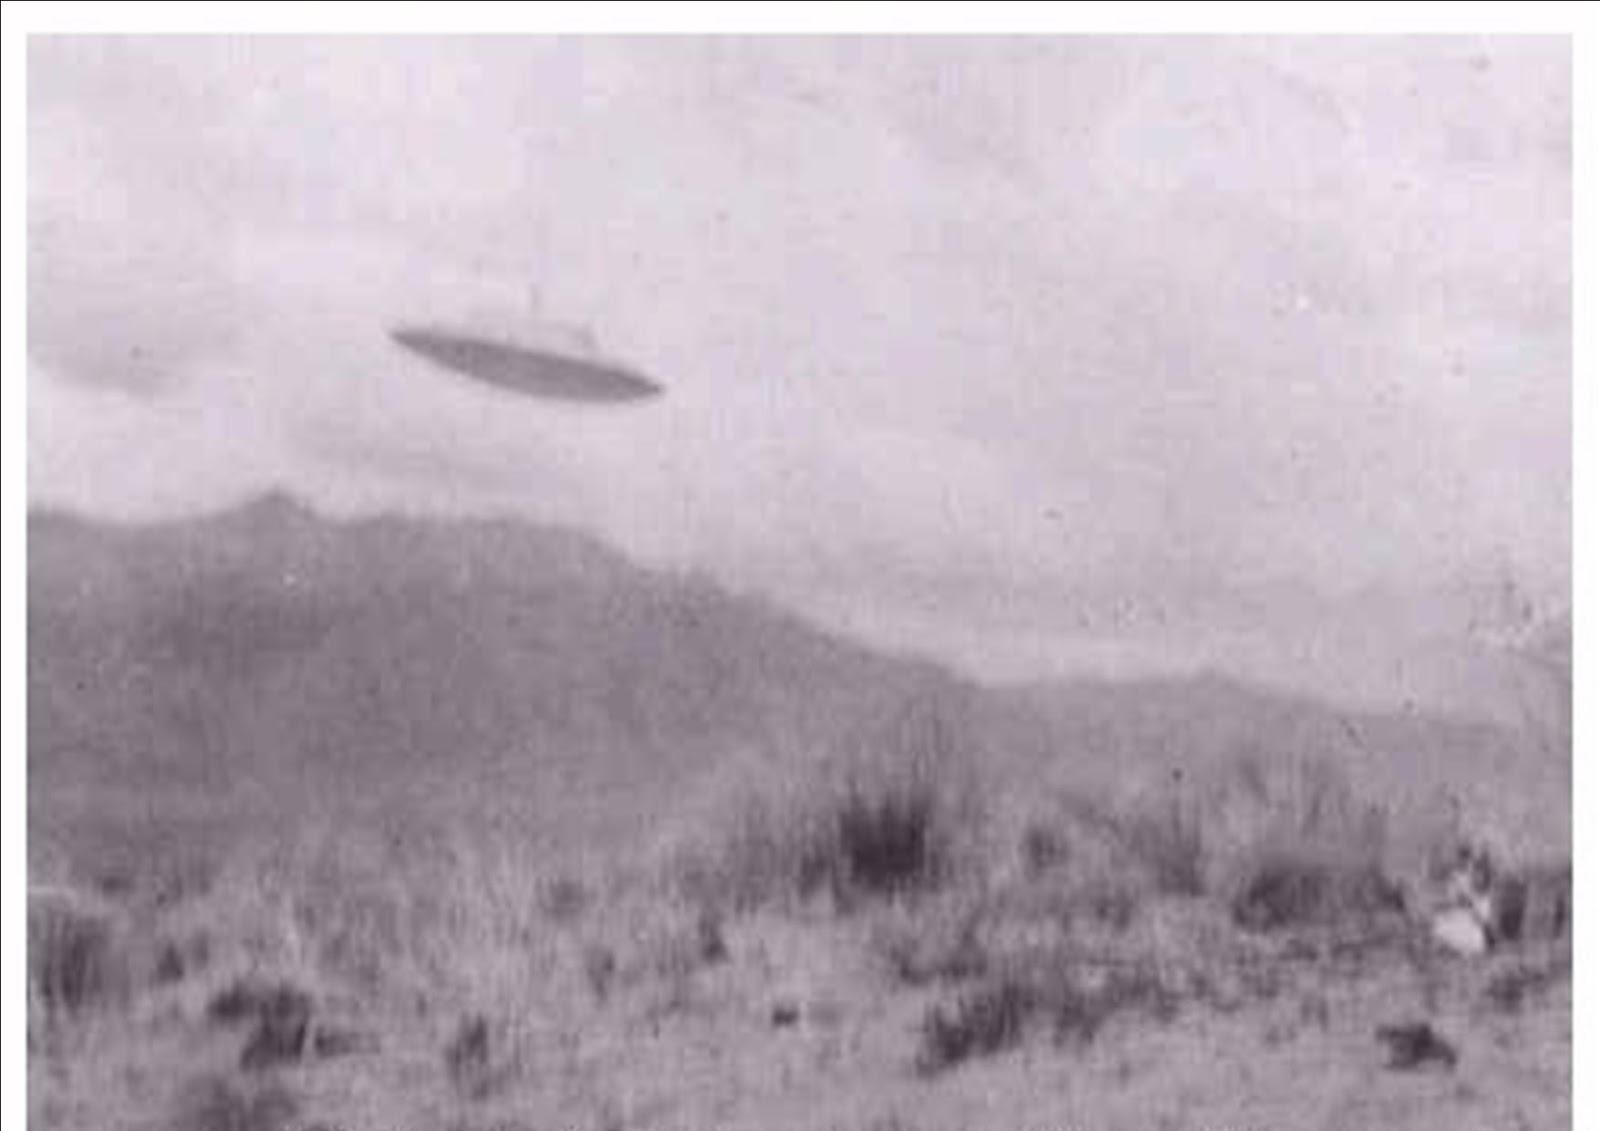 Alerta ovni - Los inicios de la comunicación extraterrestre